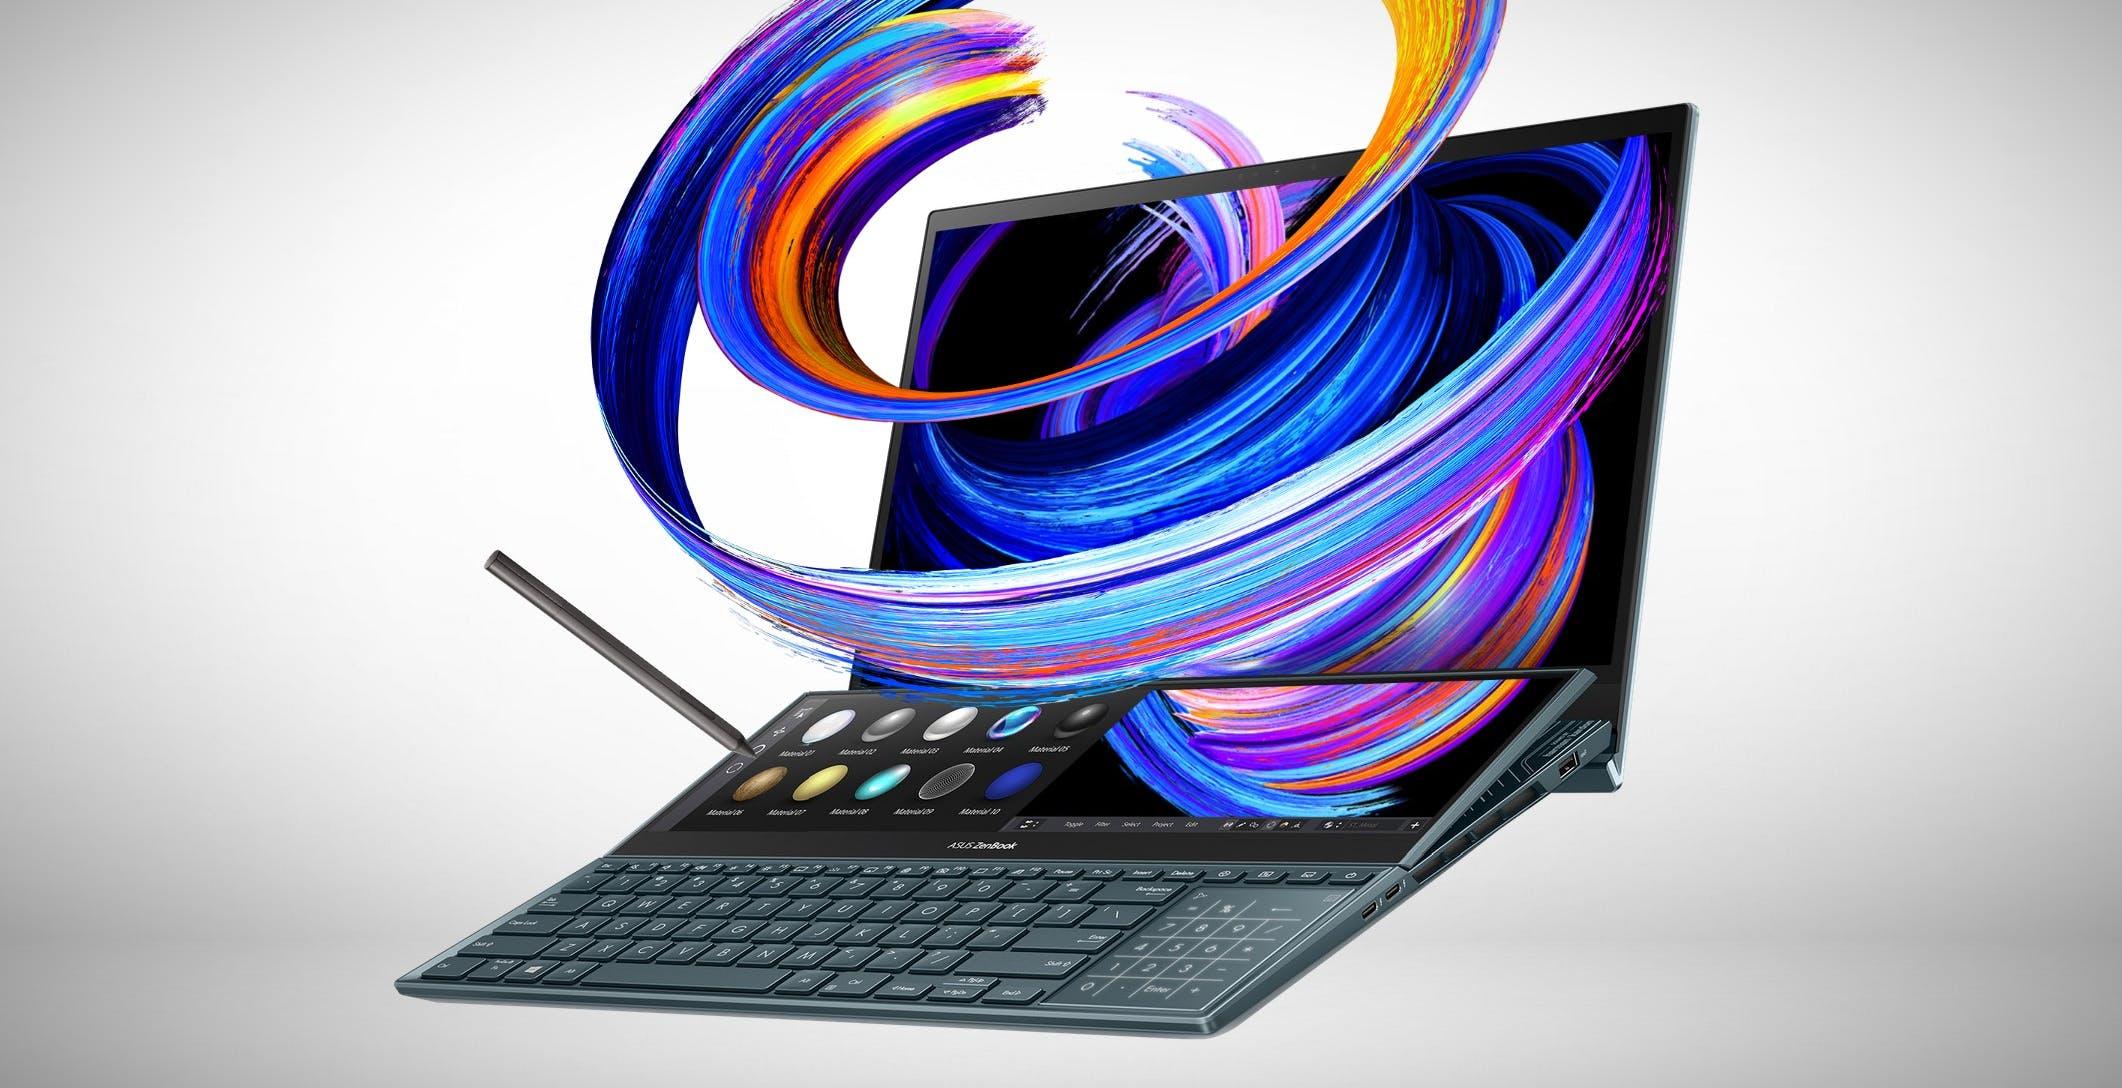 Asus sfoggia i nuovi ZenBook Pro Duo 15 OLED e ZenBook Duo 14. Autonomia fino a 17 ore